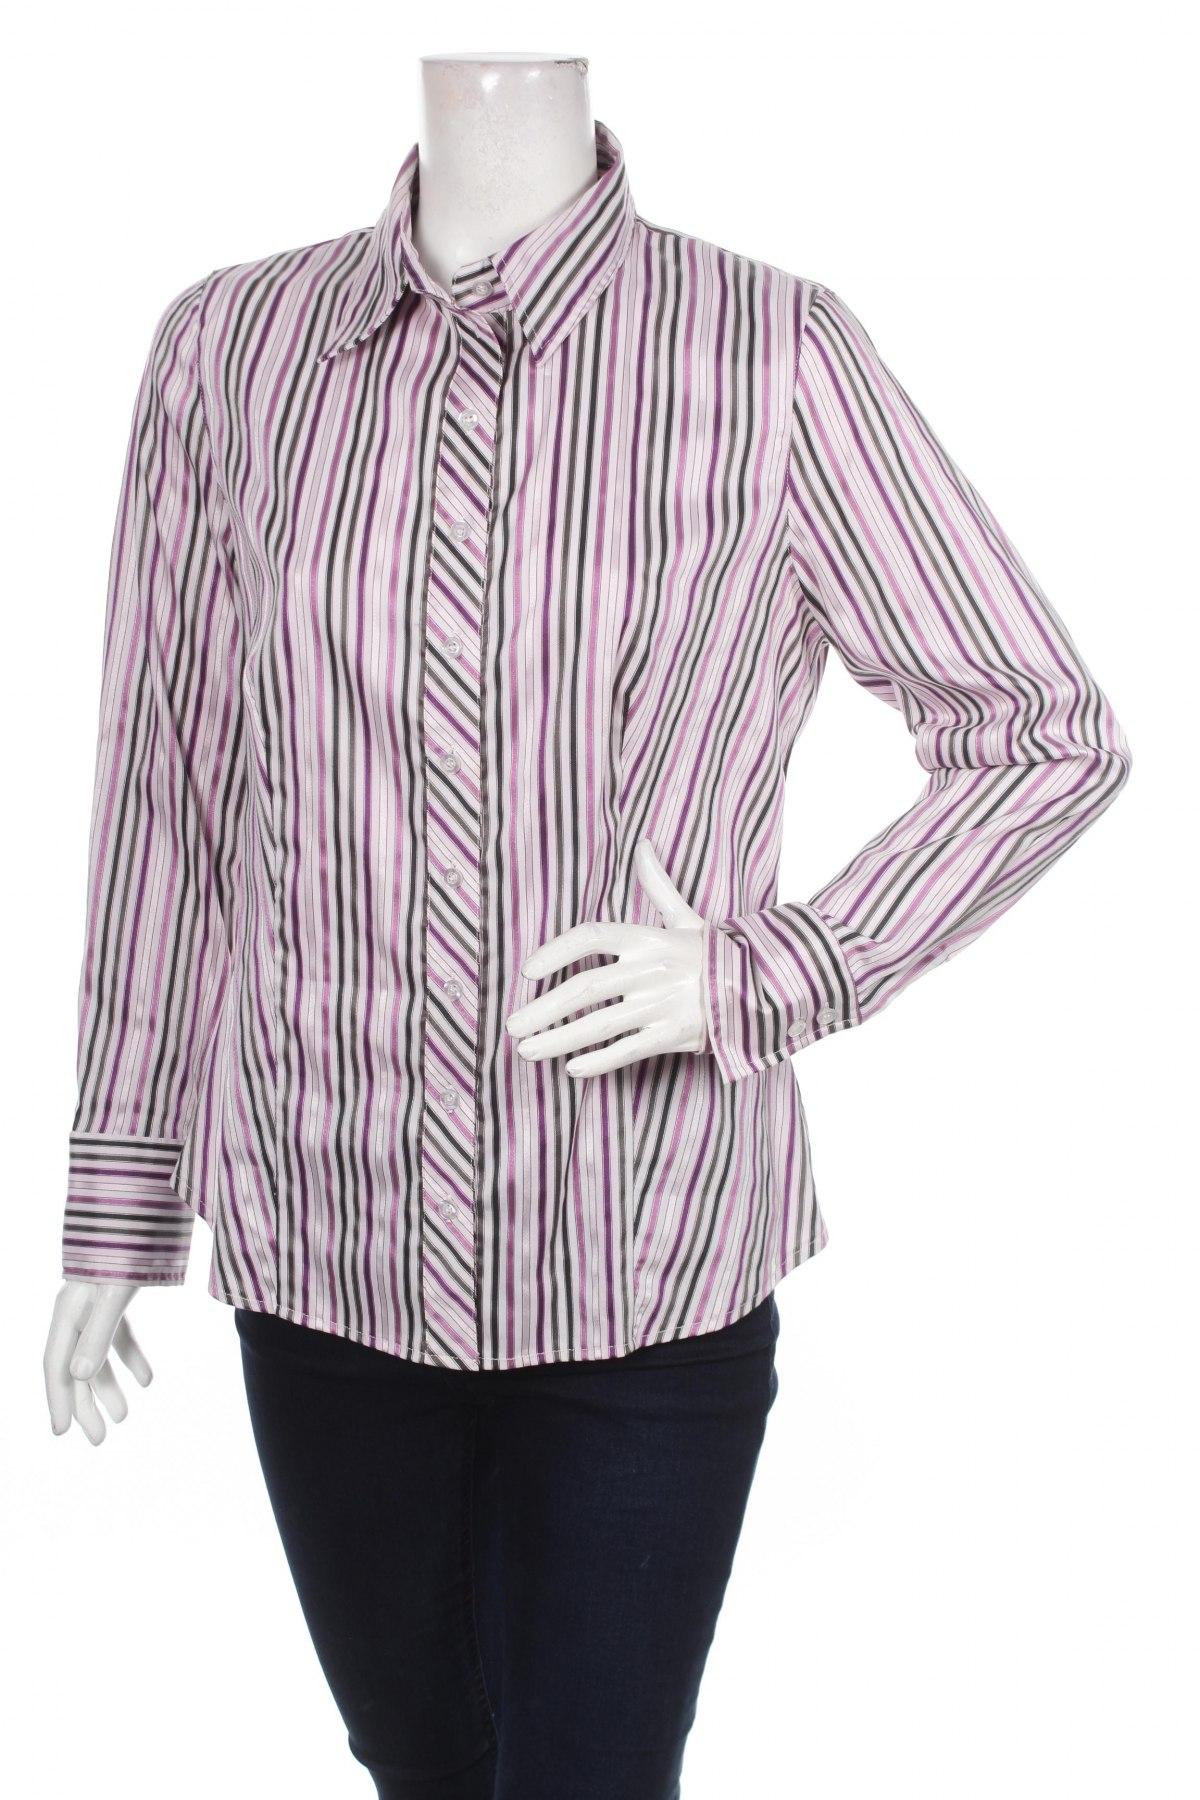 Γυναικείο πουκάμισο Classic By Michele Boyard, Μέγεθος L, Χρώμα Πολύχρωμο, Τιμή 14,23€